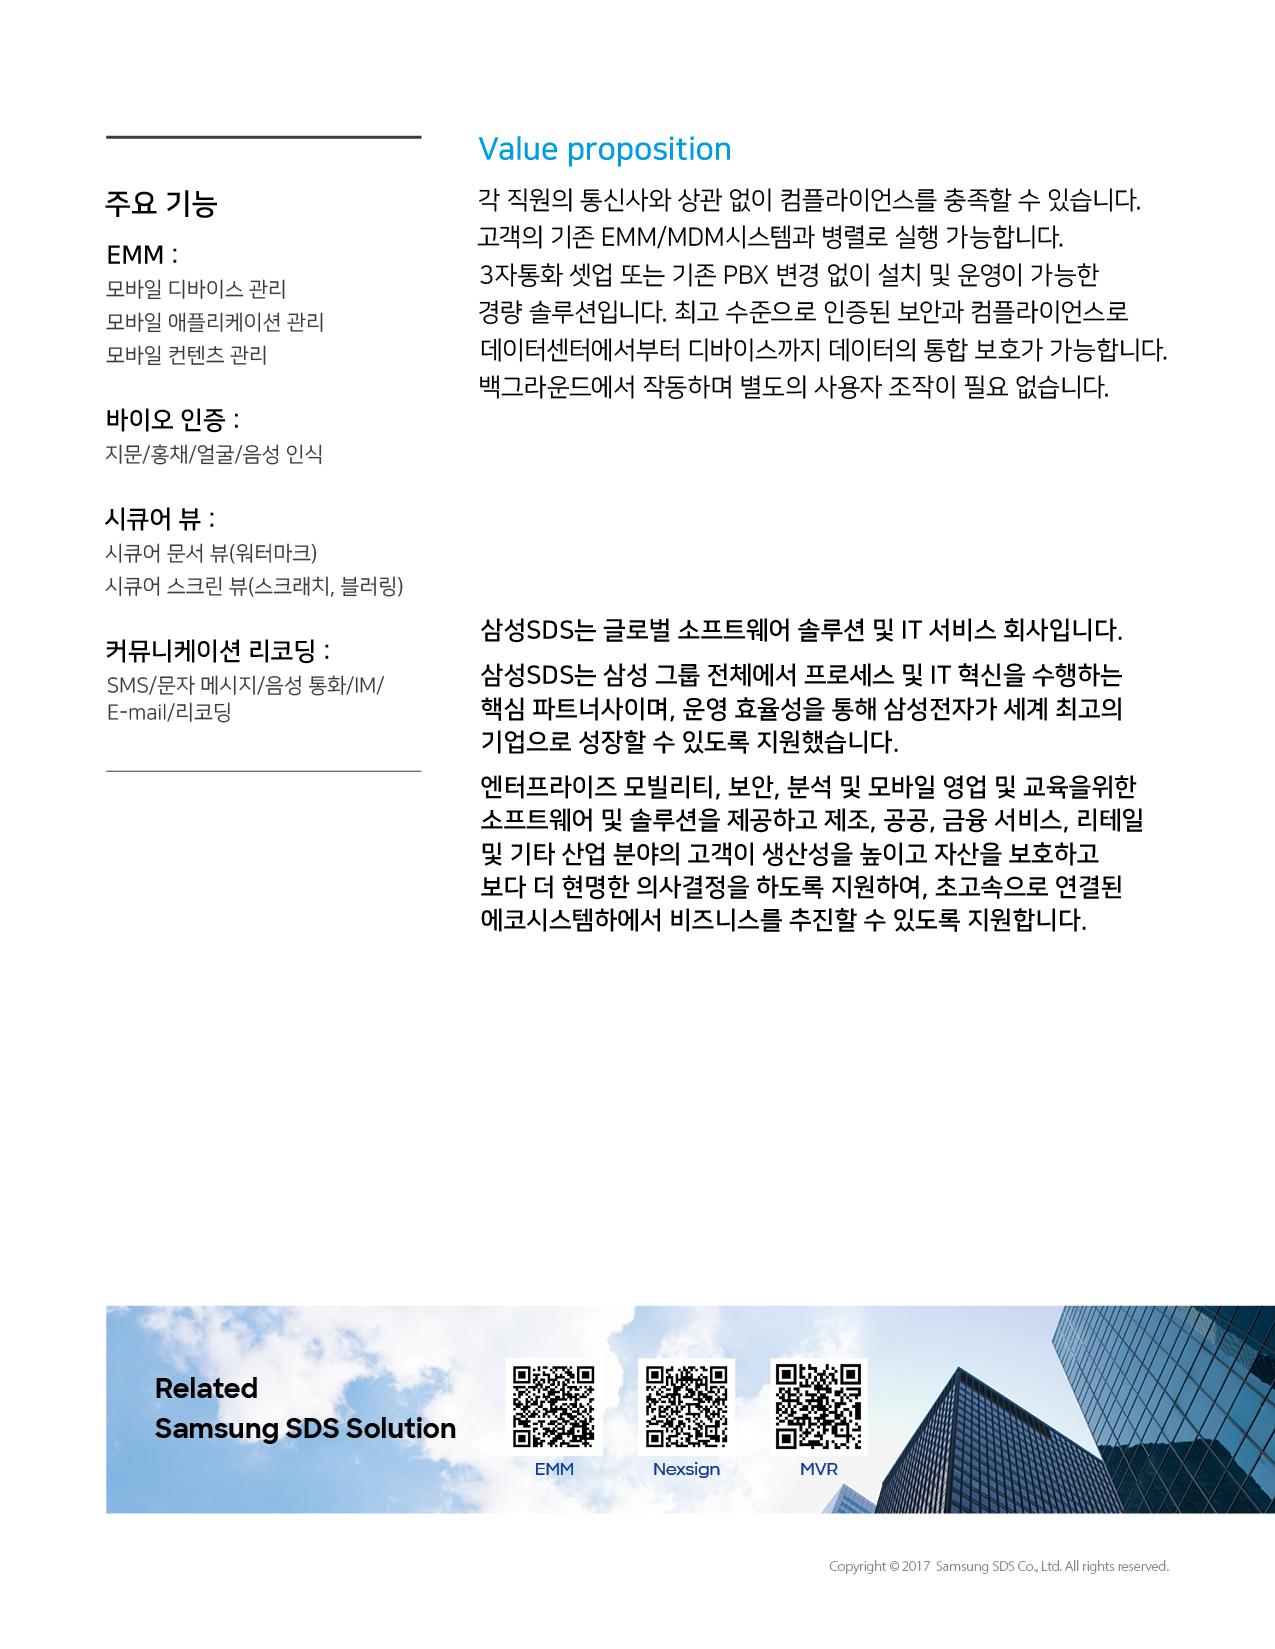 금융 고객을 위한 안전한 모빌리티 솔루션 2